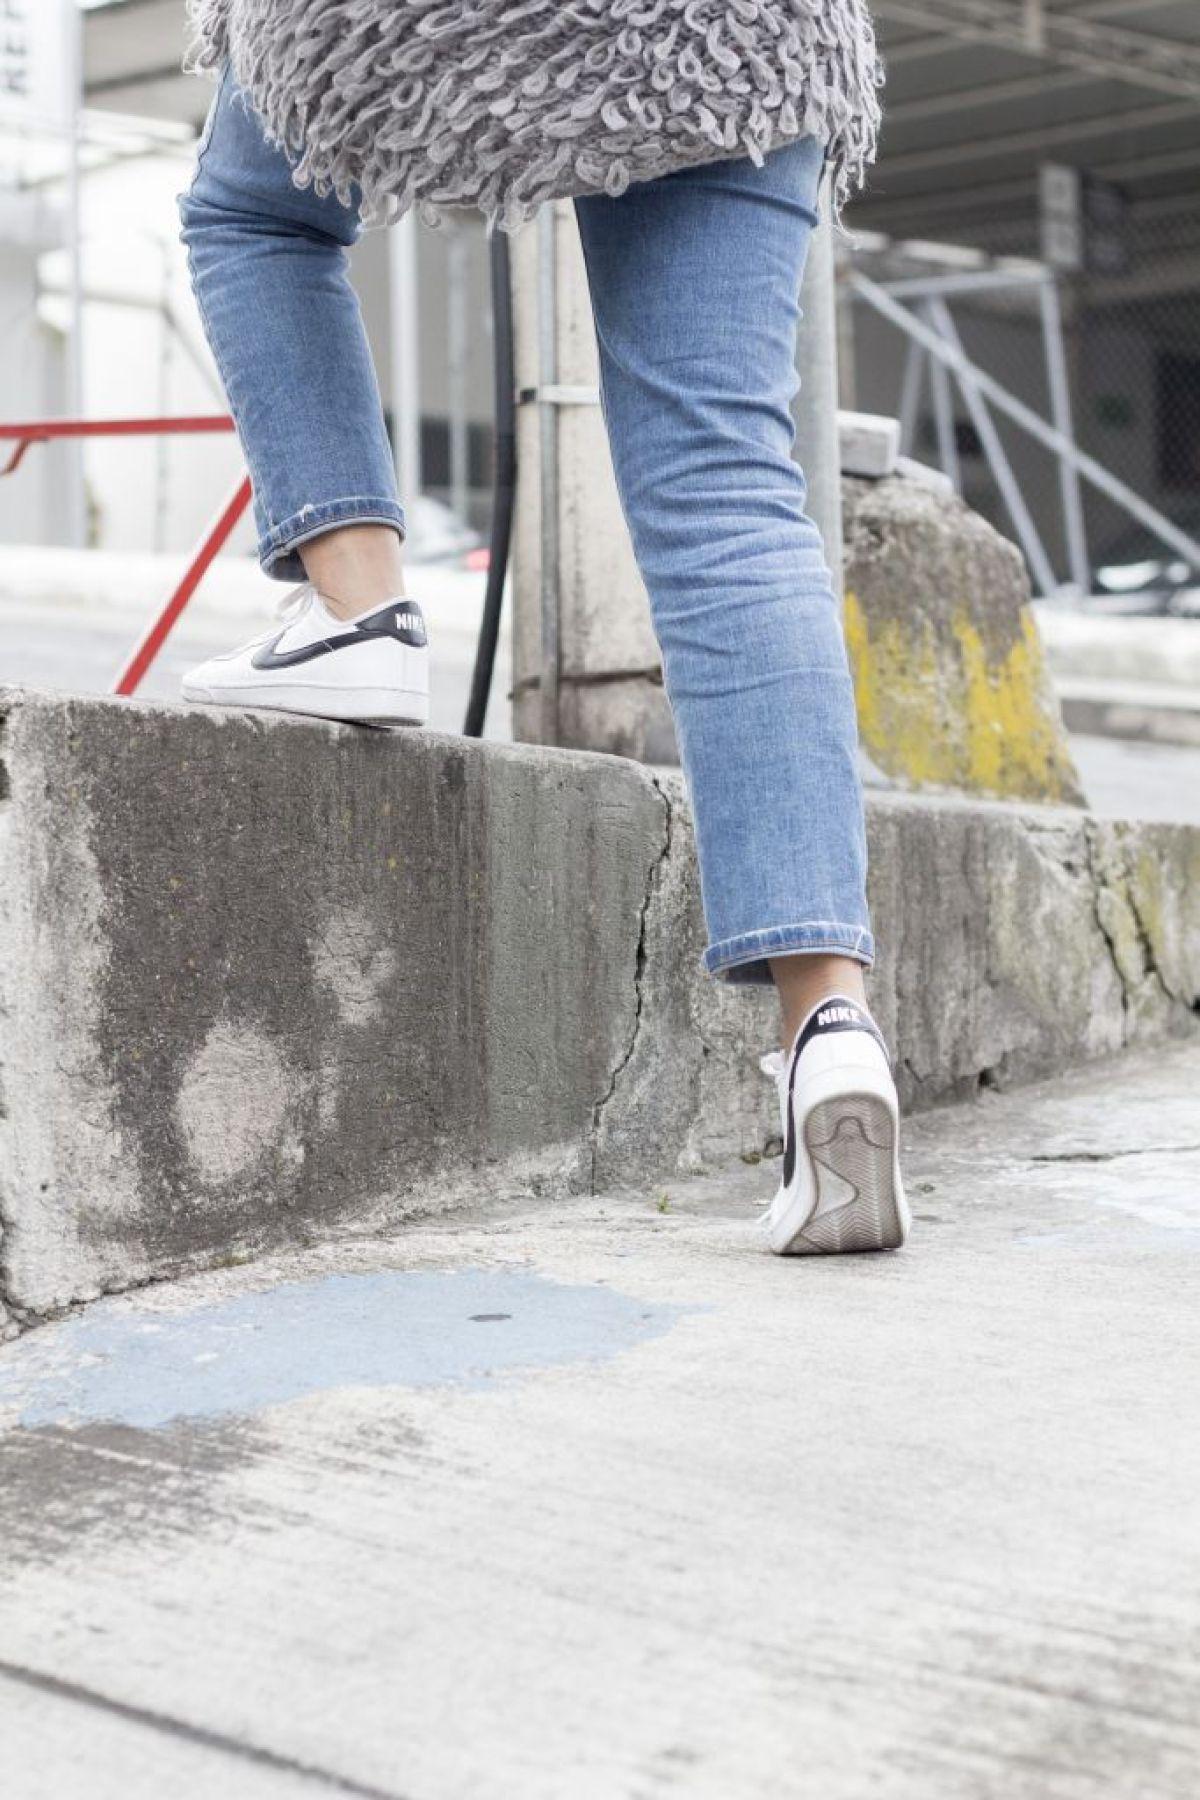 opinión en Lifestyle KIKI ¿Cómo vivir en las calles de Quito? 4